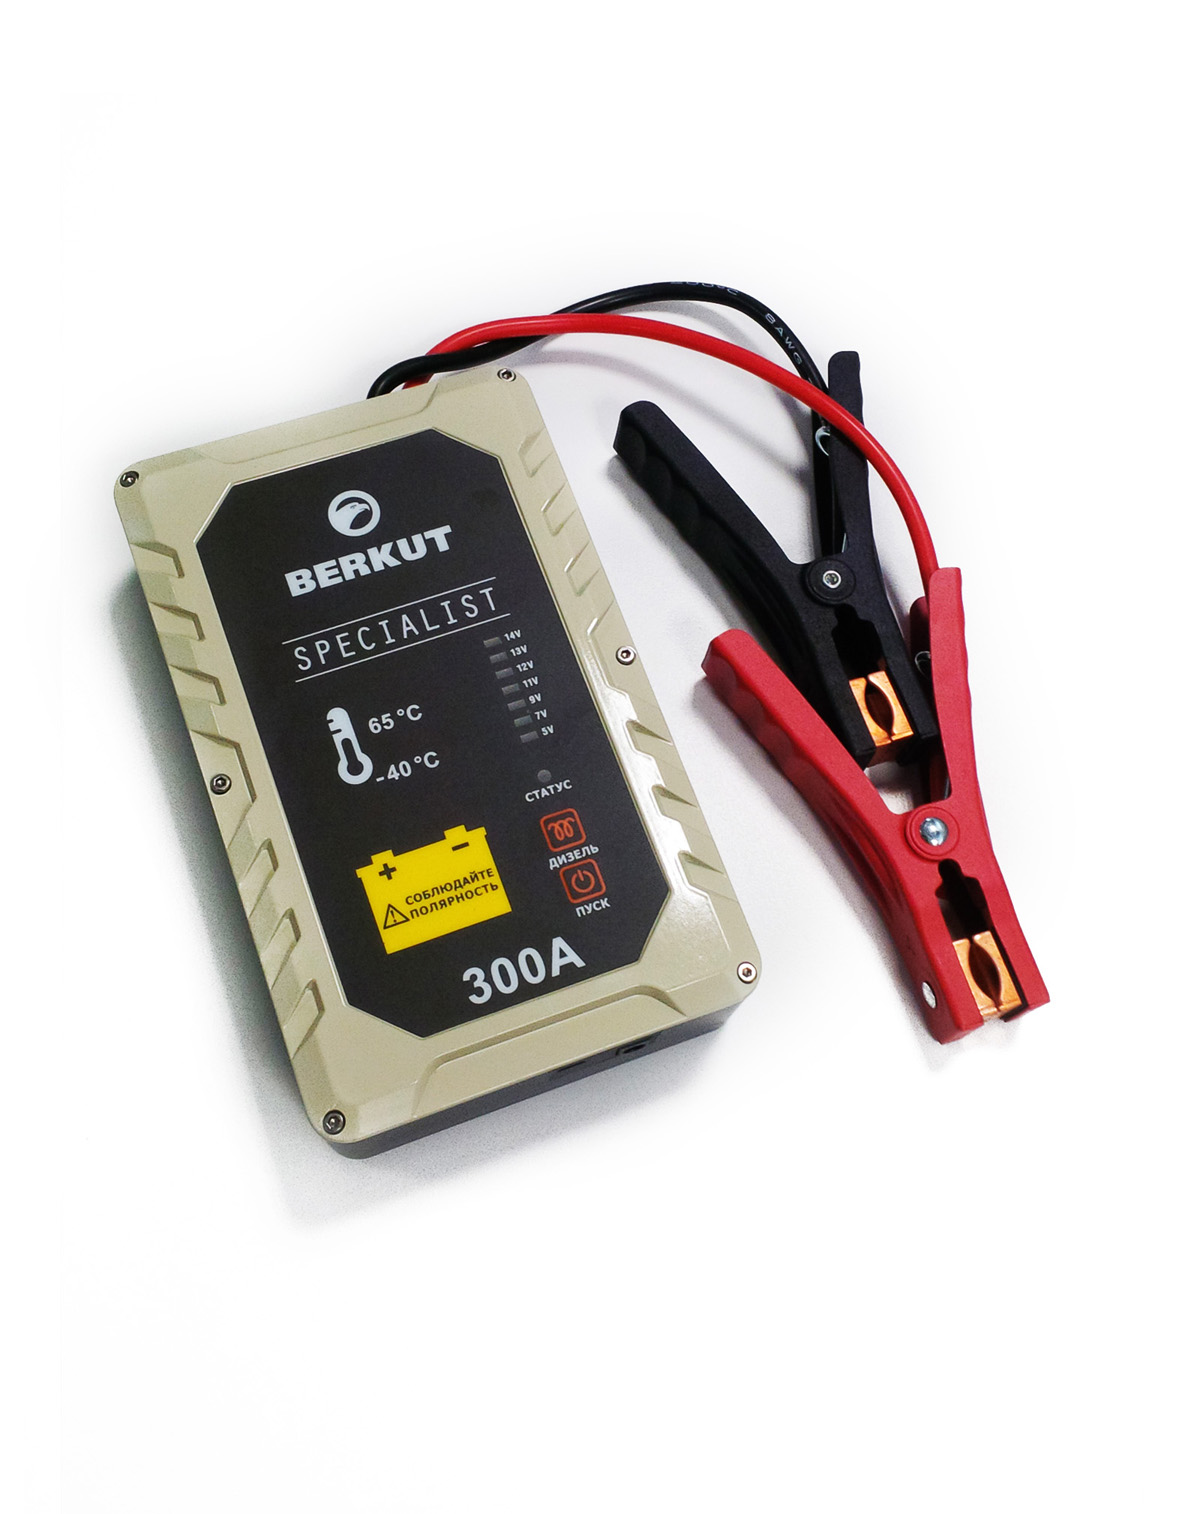 Пуско-зарядное устройство Berkut. JSC30020736Это специальное пусковое автомобильное устройство конденсаторного типа предназначено для аварийного запуска двигателя транспортного средства в случае неисправной АКБ. Главным достоинством устройства, отличающим его от прочих аналогов, является отсутствие аккумуляторов. Вместо них применены электроконденсаторы сверхбольшой емкости (ионисторы). Применение конденсаторного накопителя заряда позволяет гарантированно запустить двигатель автомобиля как с основательно разряженной АКБ, причем даже в том случае, когда ее остаточная емкость составляет всего 5%, так и без аккумулятора с предварительной зарядкой от АКБ или розетки прикуривателя другого автомобиля, а также от зарядного устройства с разъемом микро USB. Пусковое устройство рекомендовано для любых типов транспортных средств с бензиновым двигателем до 3000 см.куб. и дизельным двигателем до 2500 см.куб и напряжением бортовой сети 12В. Технические характеристики:- Напряжение на клеммах: 12 В- Пусковой ток: 300 A- Тип конденсаторов: пусковые, импульсные- Время зарядки от АКБ: до 5 мин- Время зарядки от прикуривателя 12V: 15-20 мин- Время зарядки от Мини USB 5V: 2-3 часа- Количество попыток запуска при полной зарядке: не более одного пуска- Диапазон температур для запуска и хранения: -40 °C +65 °C- Вход Micro USB: 5В (2000 мА)- Вход для зарядки: 12В (10 А) Функциональные особенности:- Не требует подзарядки во время хранения- Готов к использованию вне зависимости от продолжительности хранения- Режим для запуска двигателя автомобиля без аккумулятора- Специальный режим запуска дизеля с предварительным прогревом свечей- Встроенный вольтметр для определения напряжение аккумулятора автомобиля- Отсутствие падение емкости заряда с понижением температур- Нет снижения емкости заряда связанные со старением устройства- Защита от переполюсовки (неправильной полярности)- Защита от короткого замыкания- Цикл заряд/разряд до 10 000 раз- Срок годности - более 10 лет